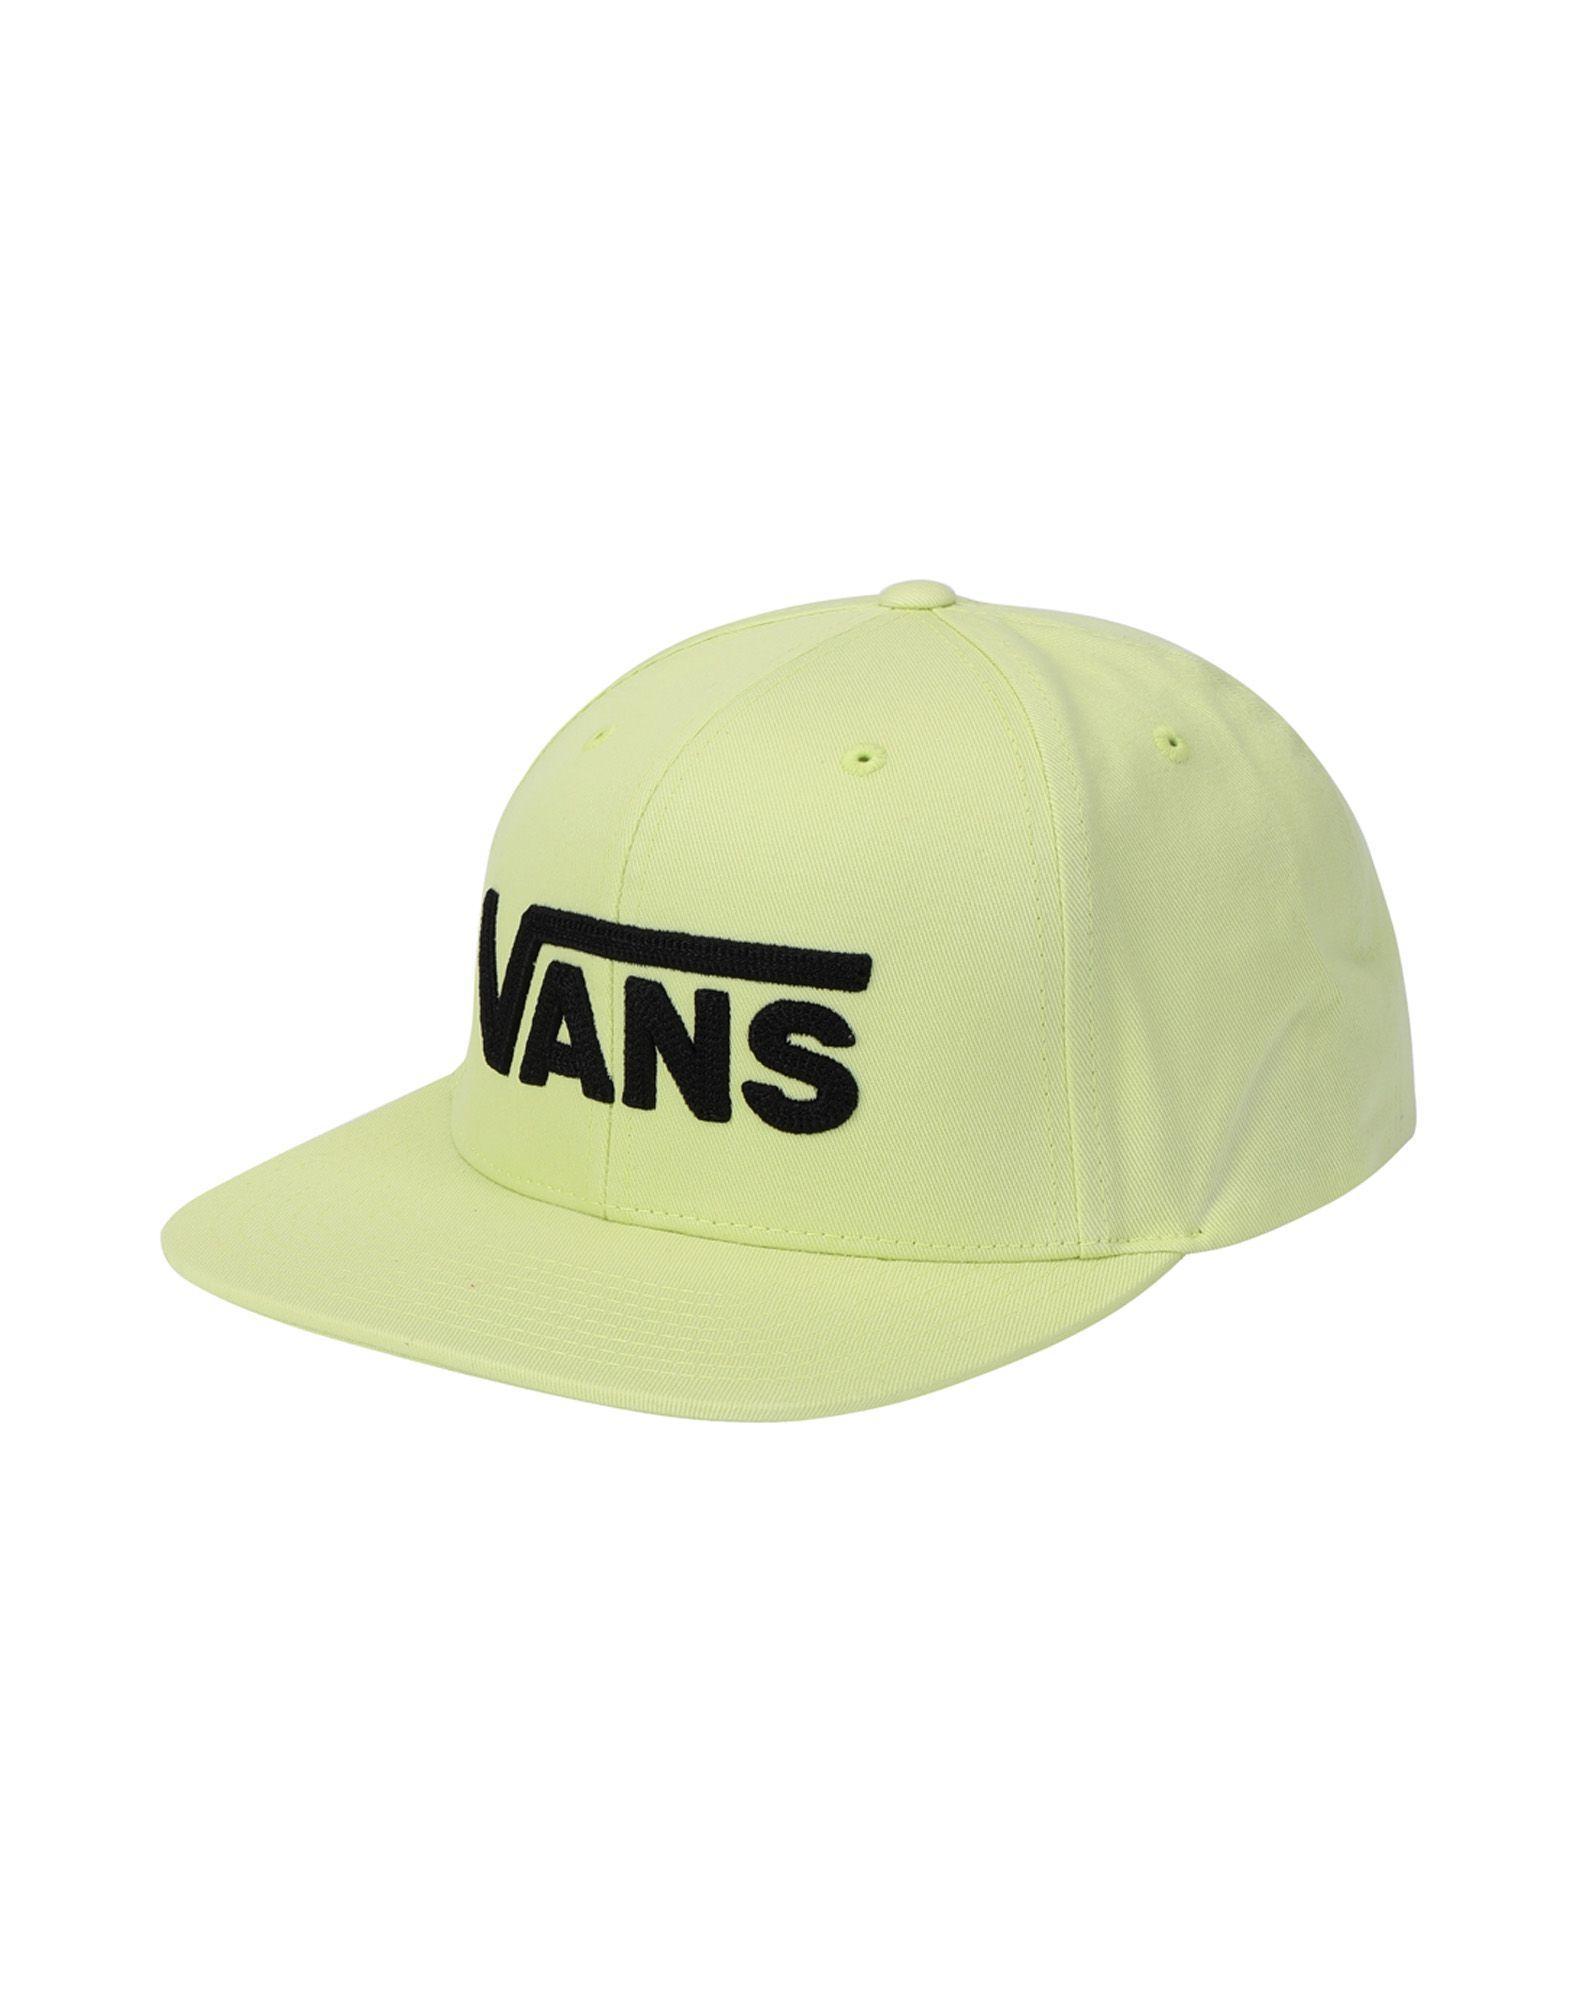 96174b00 Lyst - Vans Hat in Yellow for Men